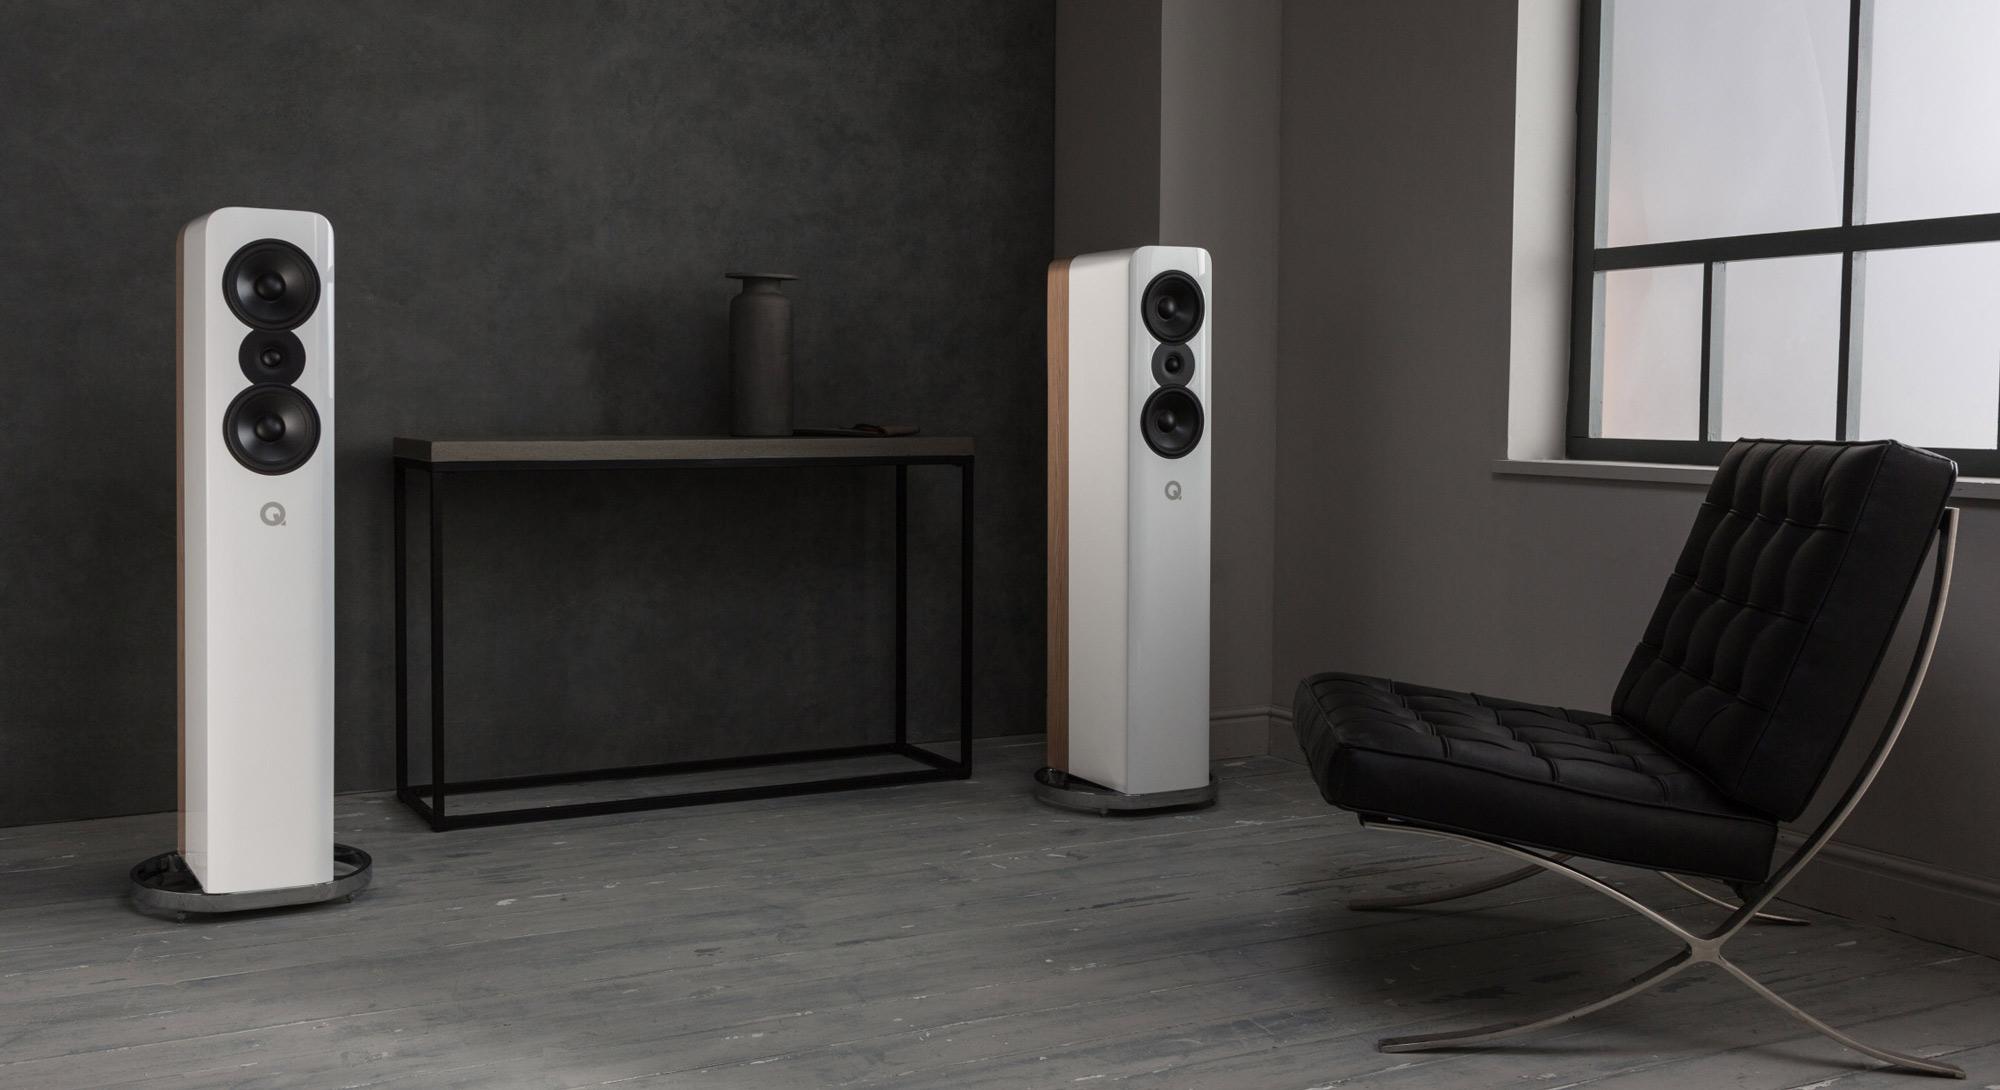 q-acoustics-concept-500-white